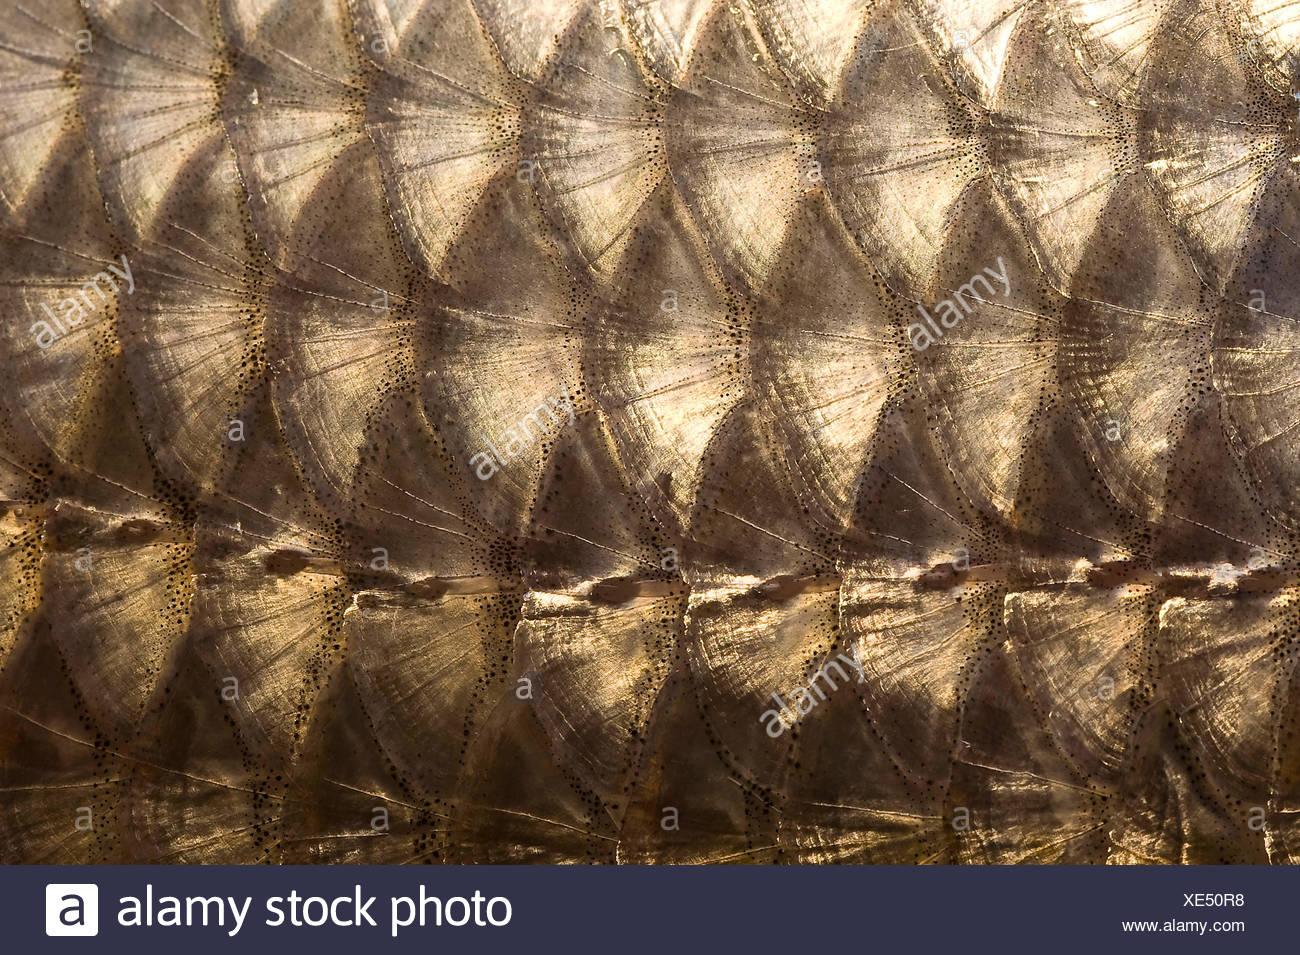 Fish scales in medium close-up - Stock Image